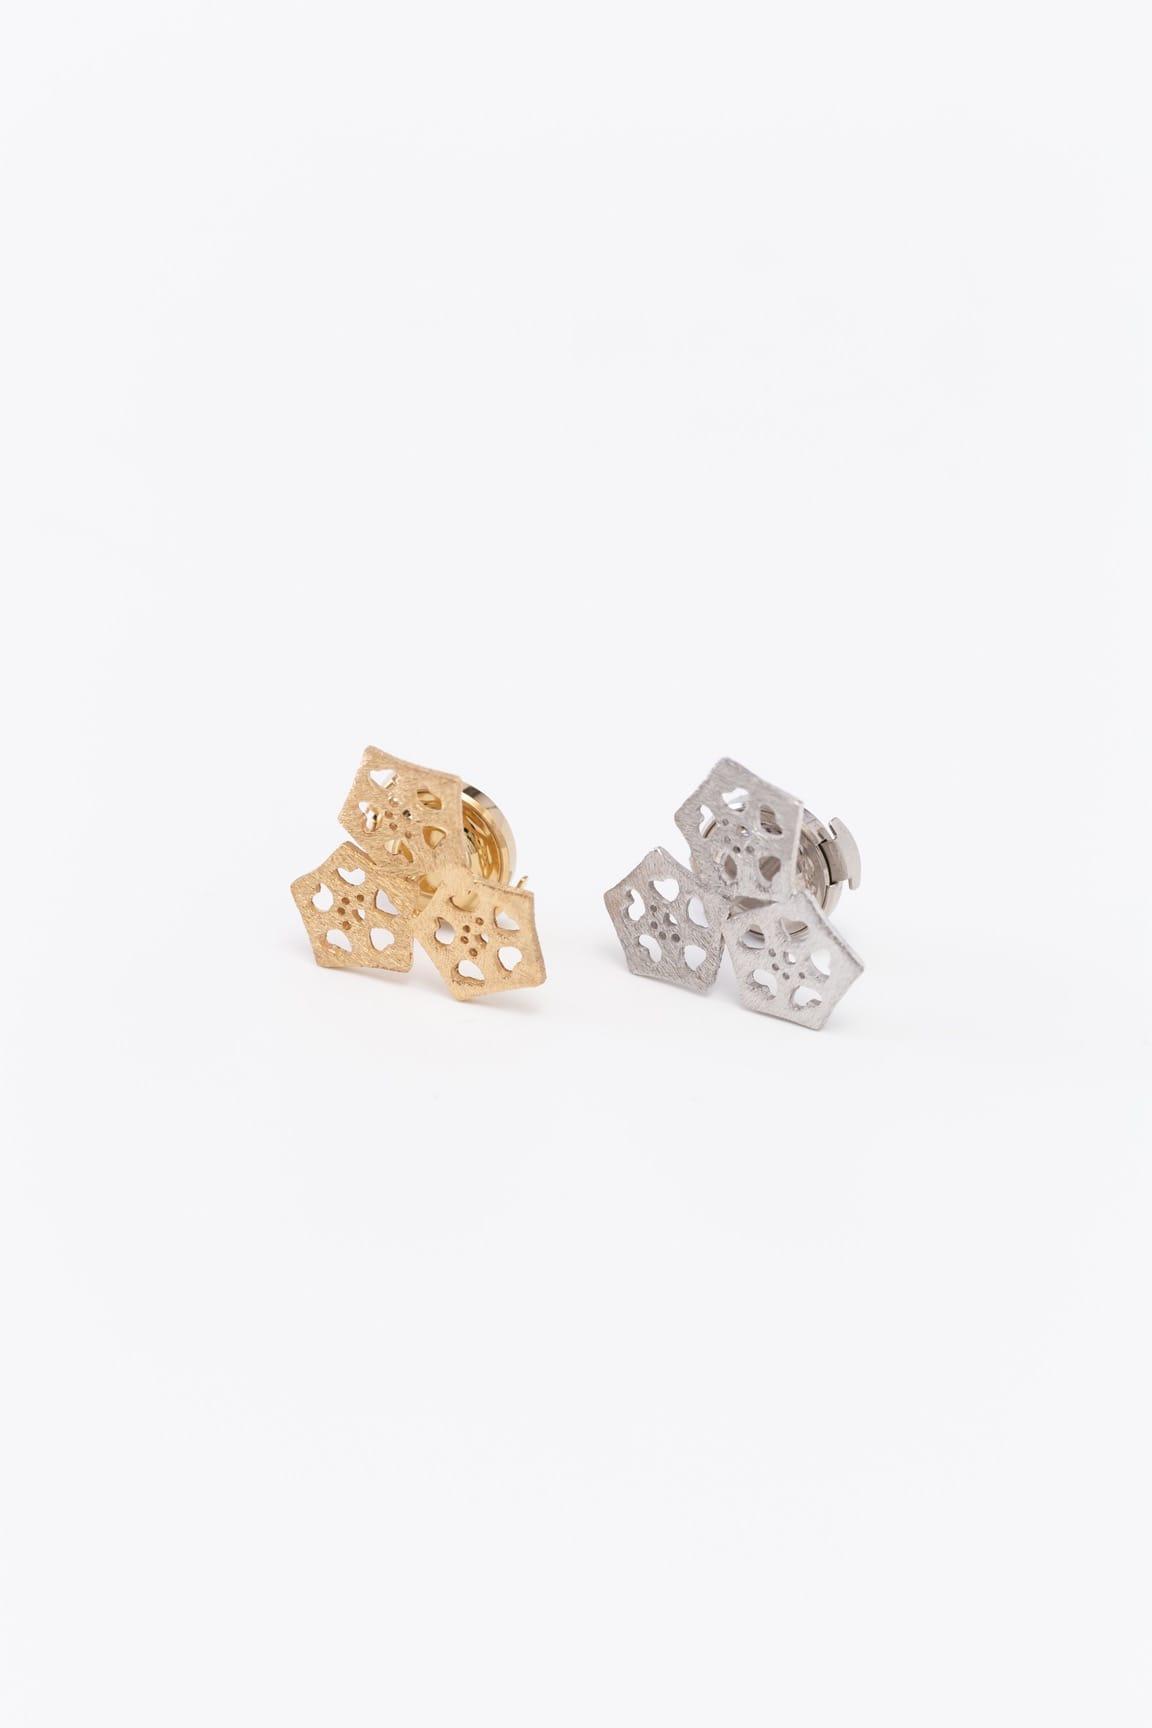 オクラ3個ピンブローチ(金銀)